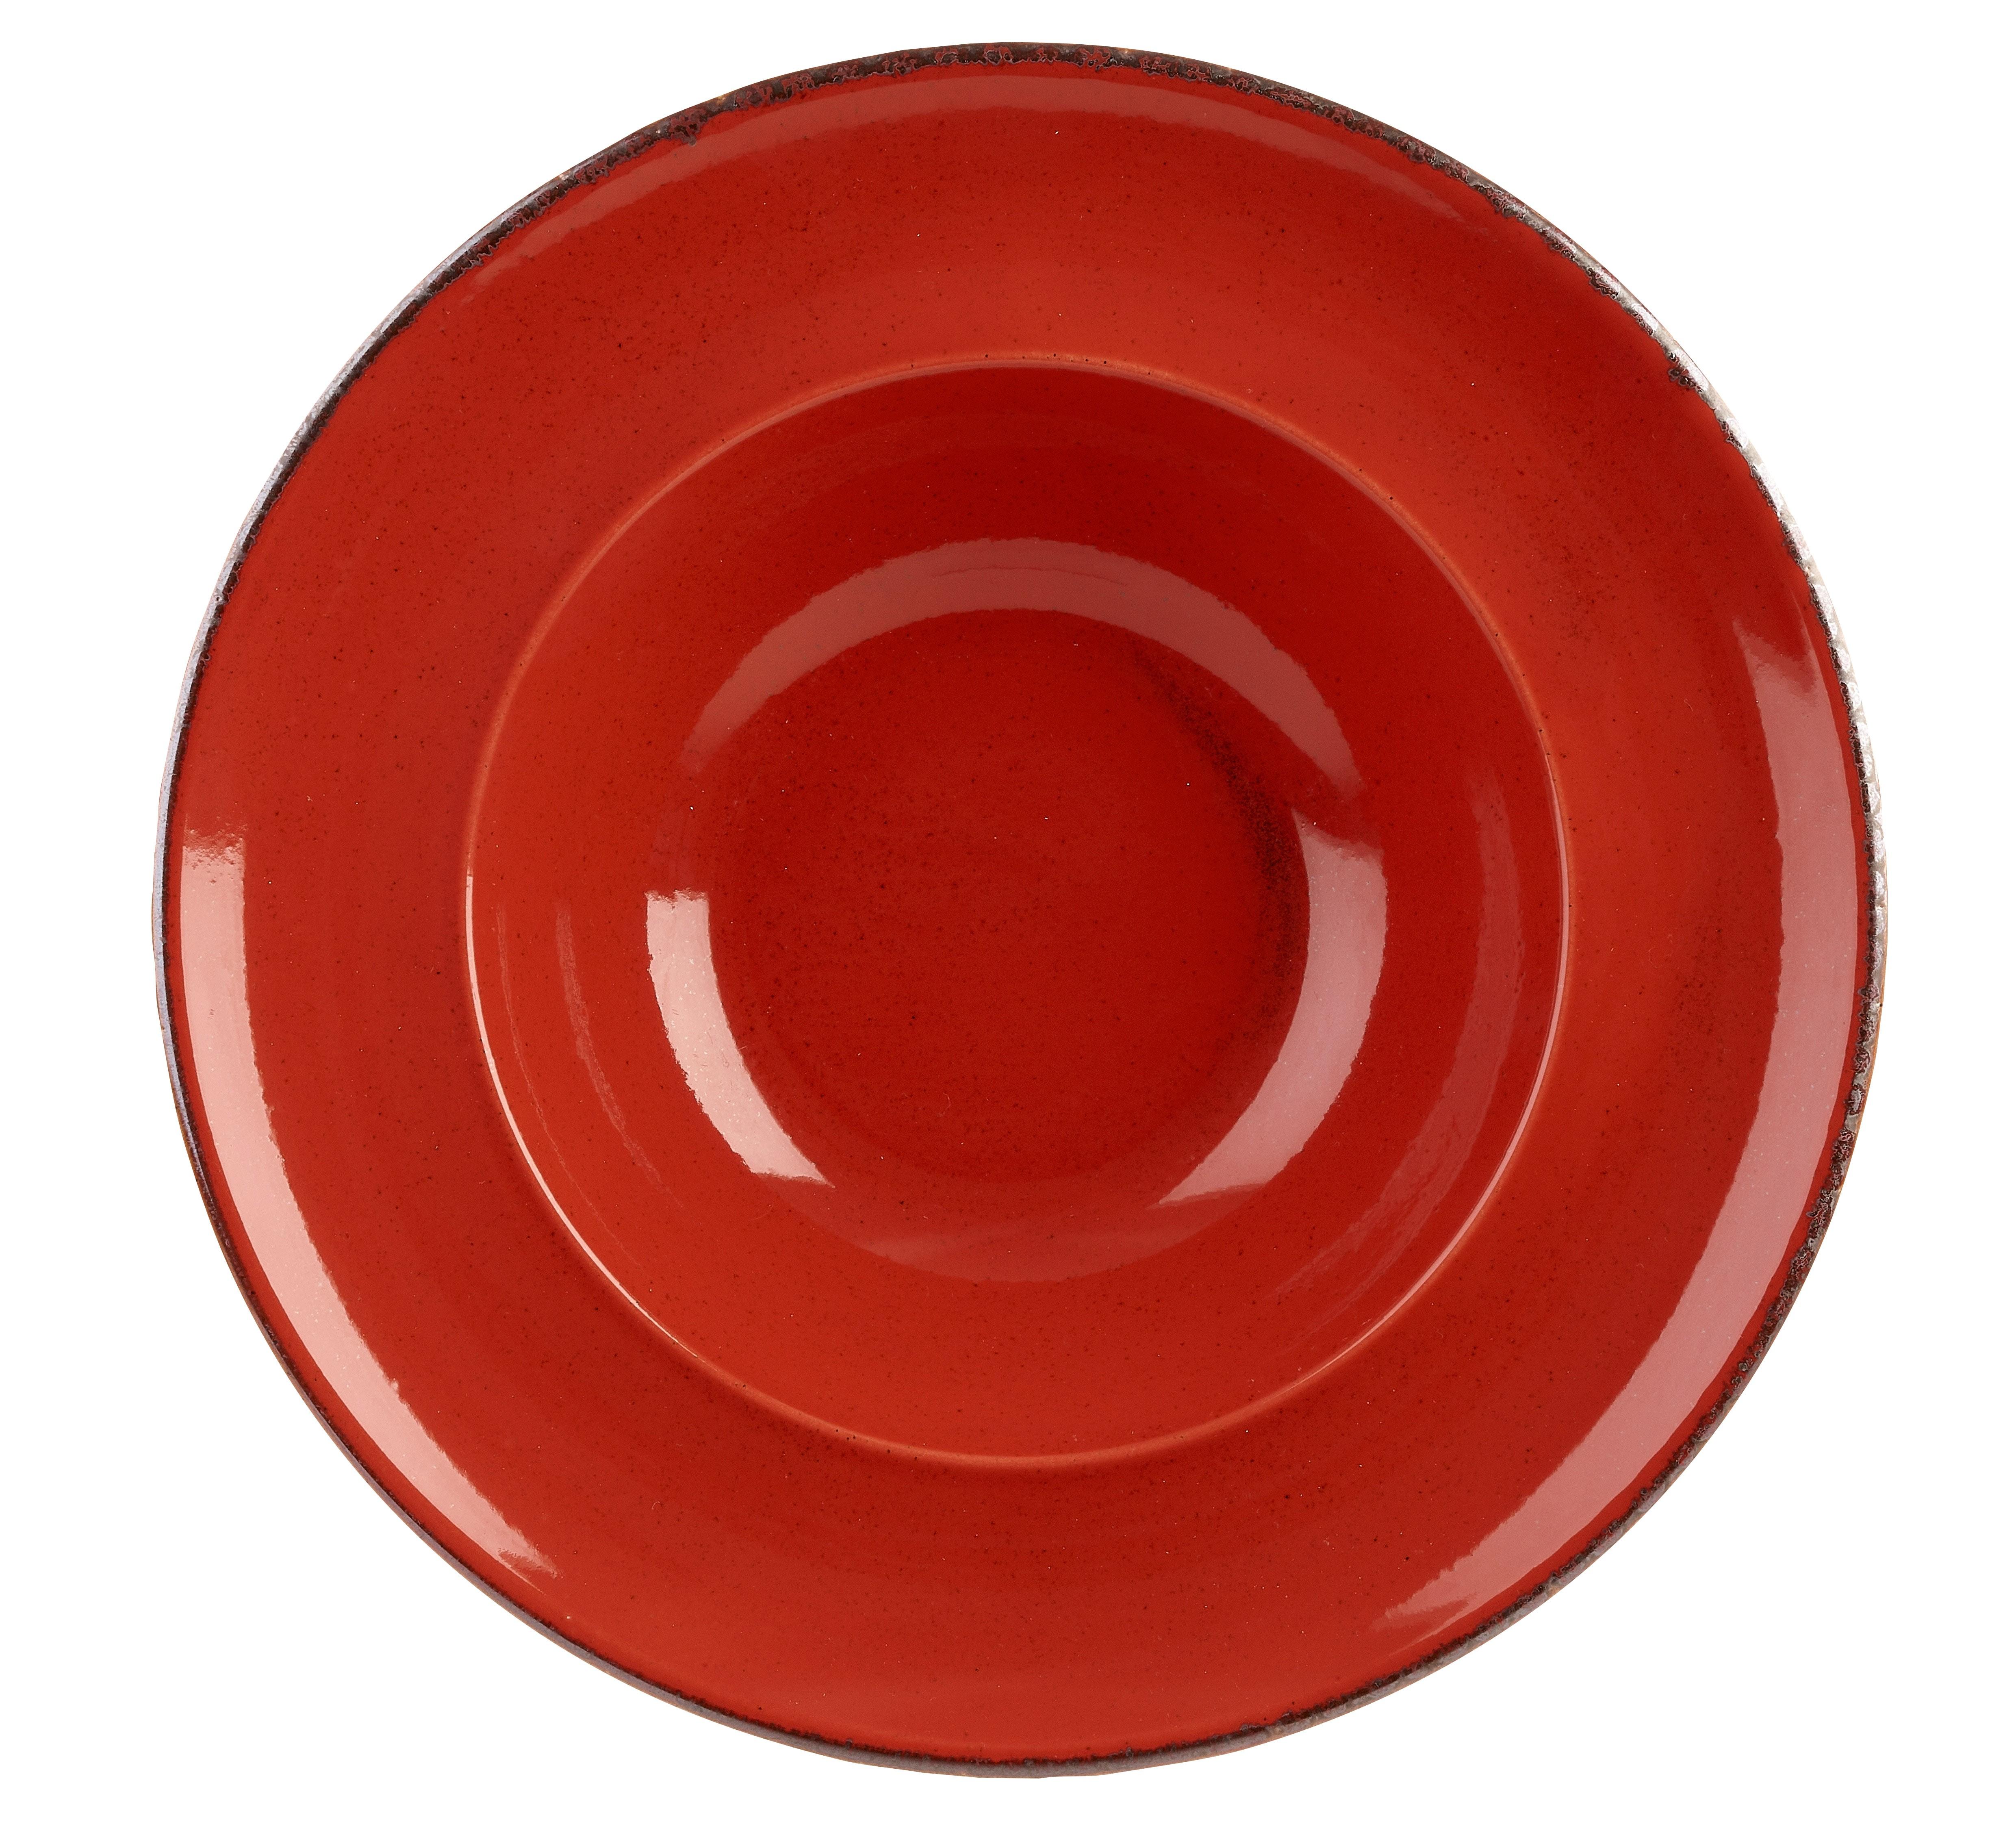 Magma Pasta 26cm Plate